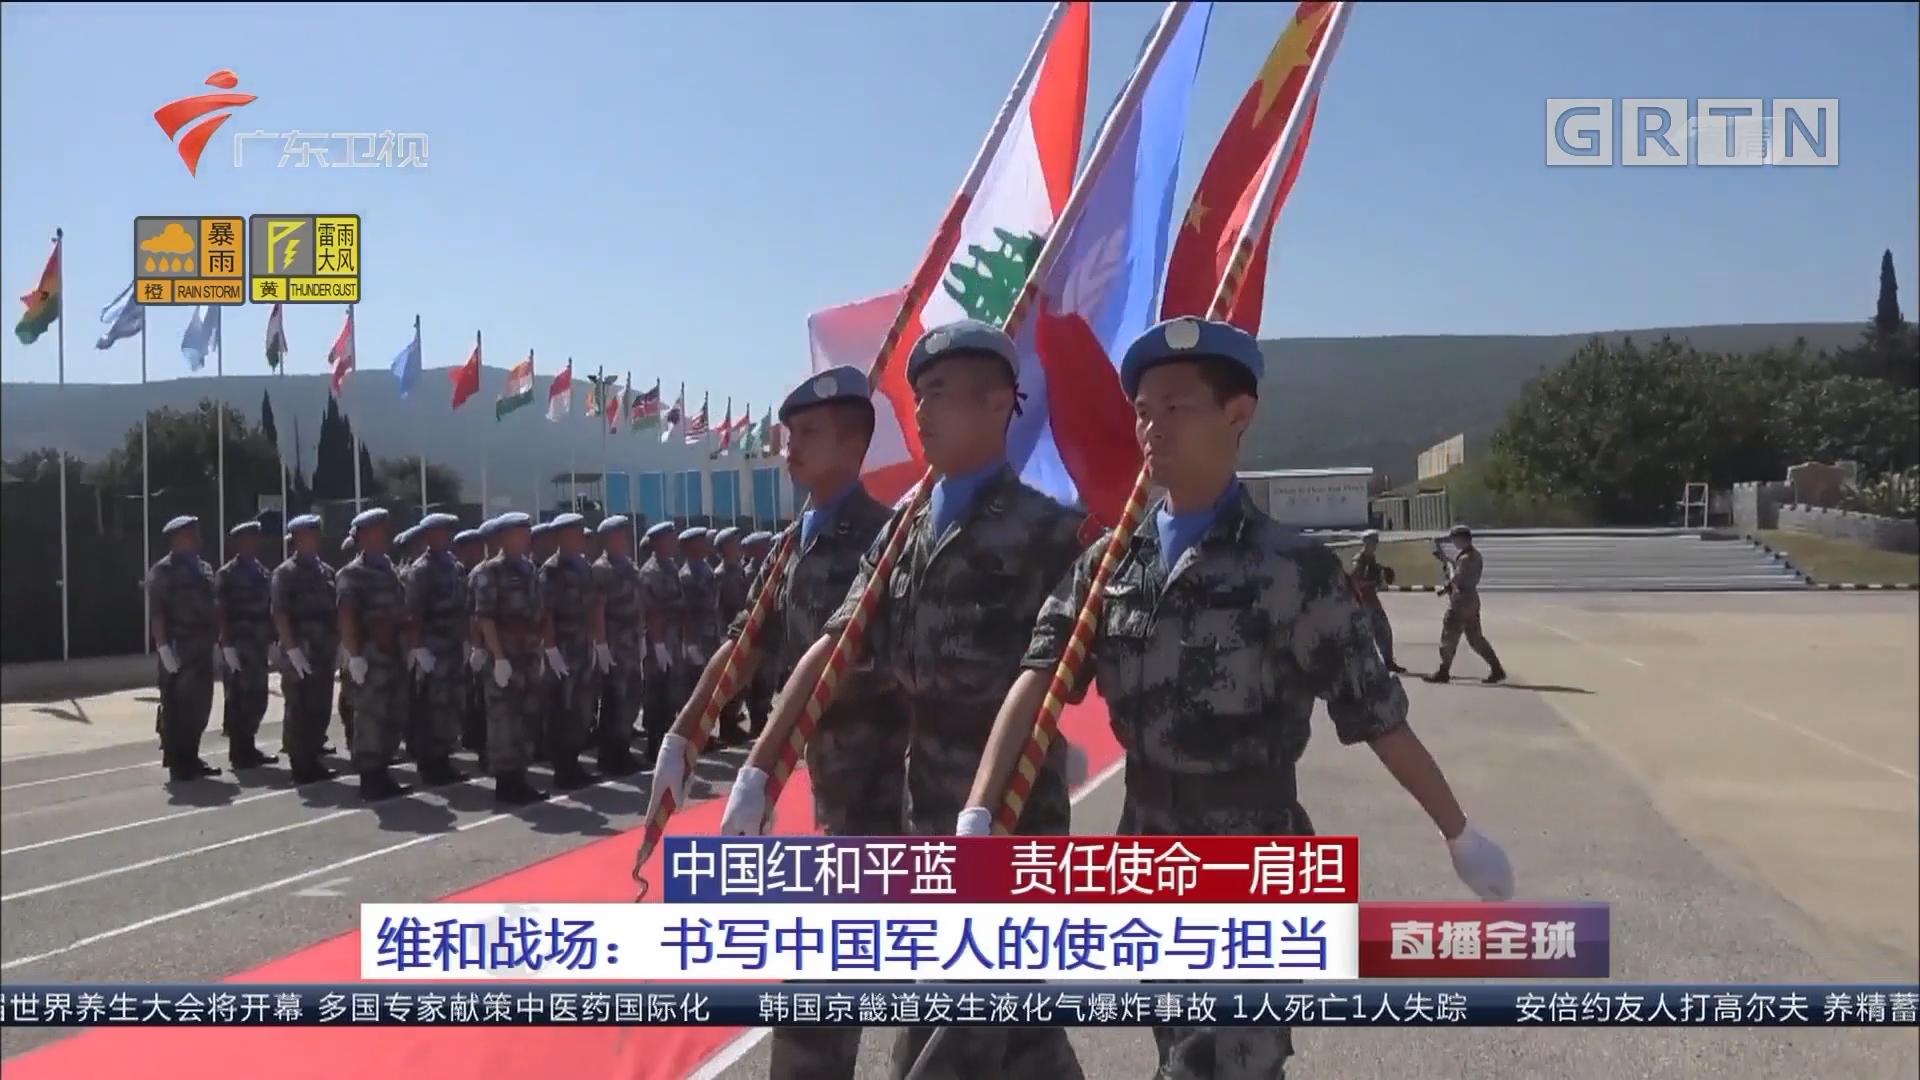 中国红和平蓝 责任使命一肩担 维和战场:书写中国军人的使命与担当